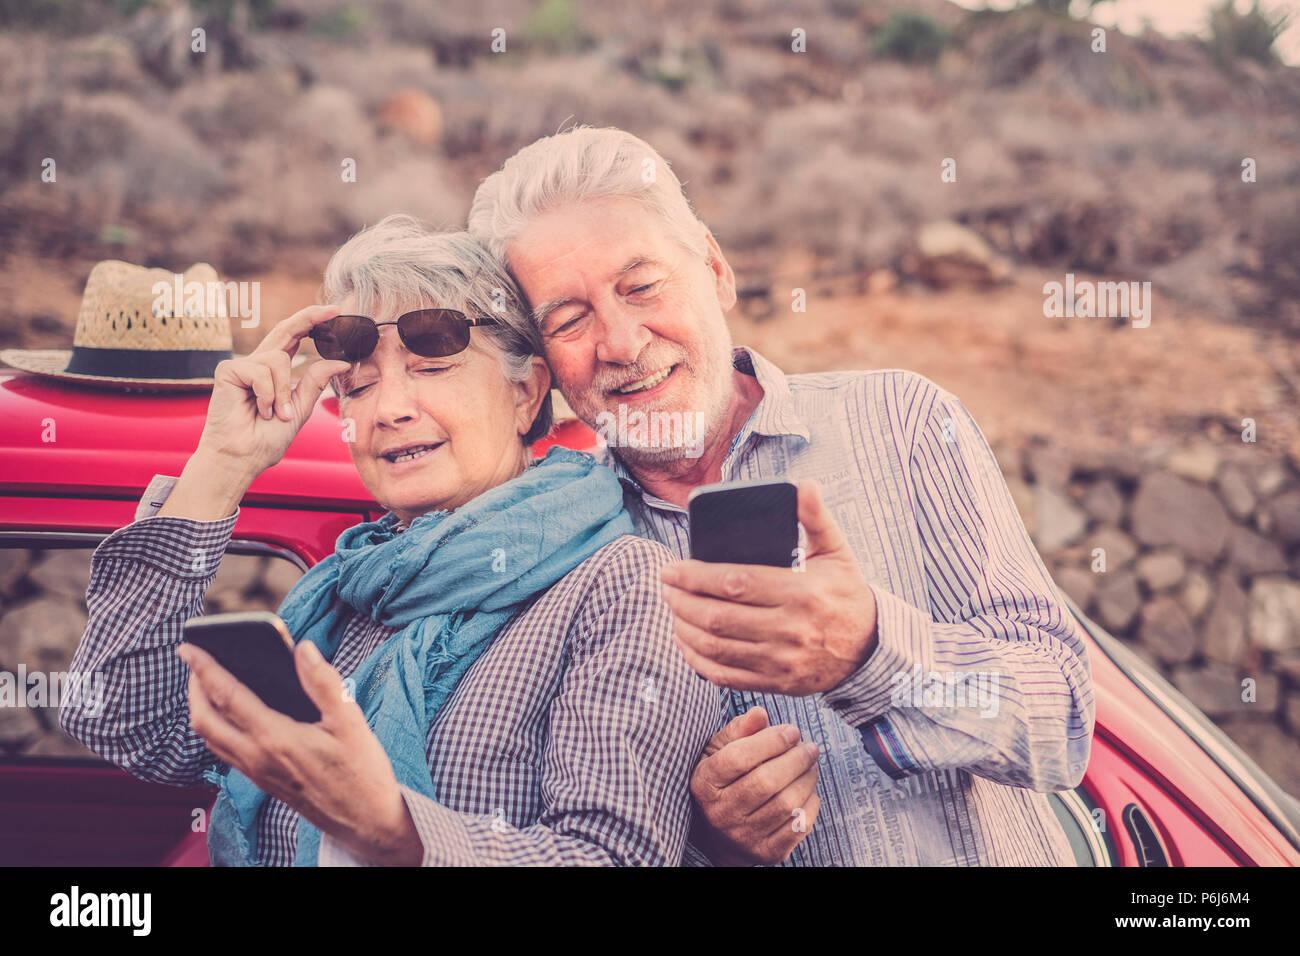 Bellissima l uomo e la donna giovane senior coppia utilizza lo smartphone all'aperto in attività di svago di controllo internet per i messaggi di posta elettronica e i contatti degli amici di vacanza. Immagini Stock